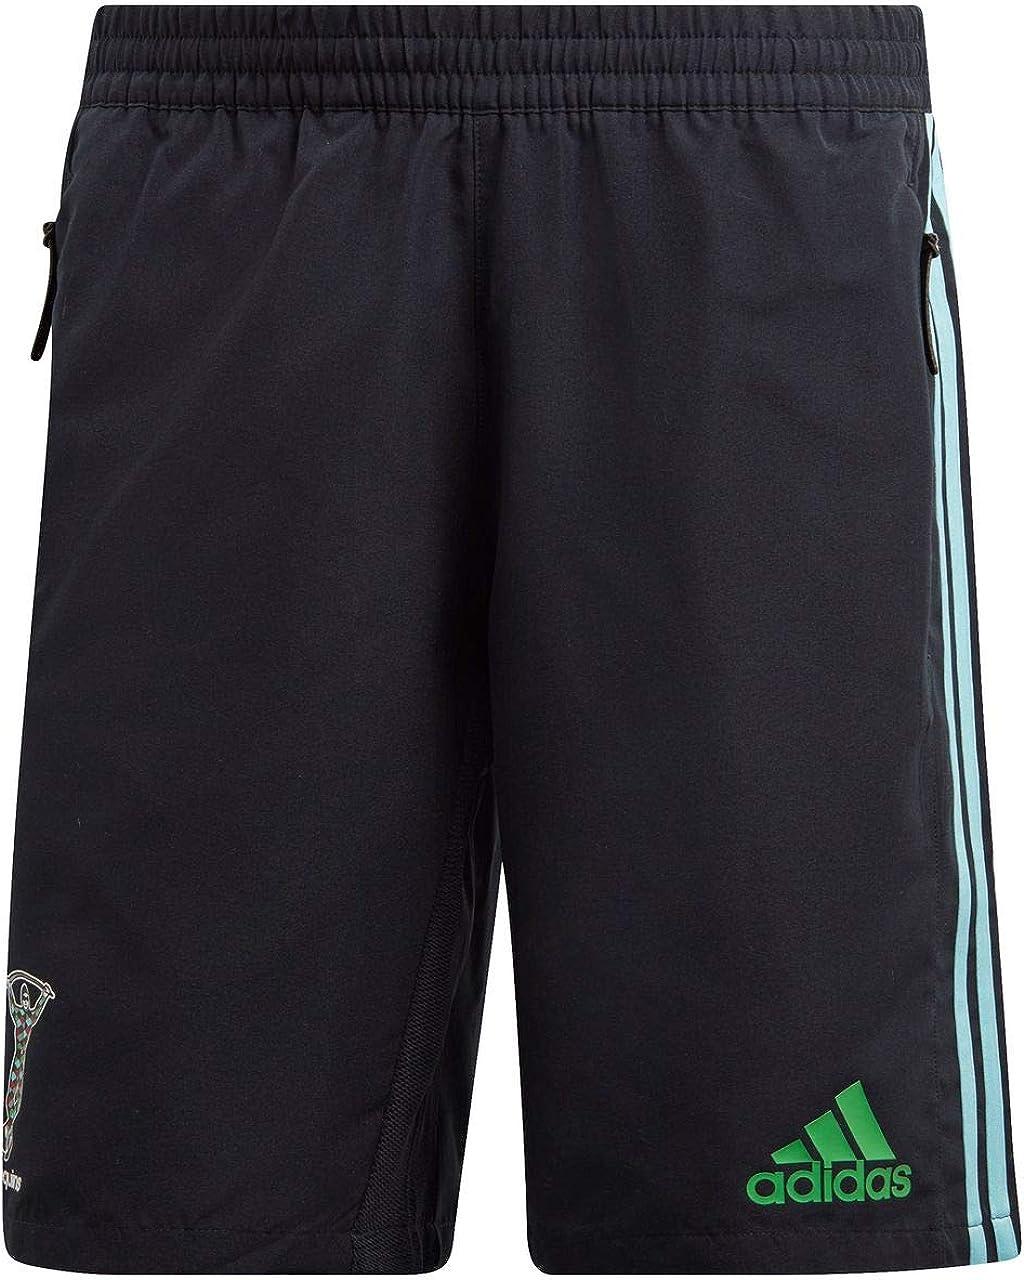 adidas Harlequins Woven Shorts 1/2